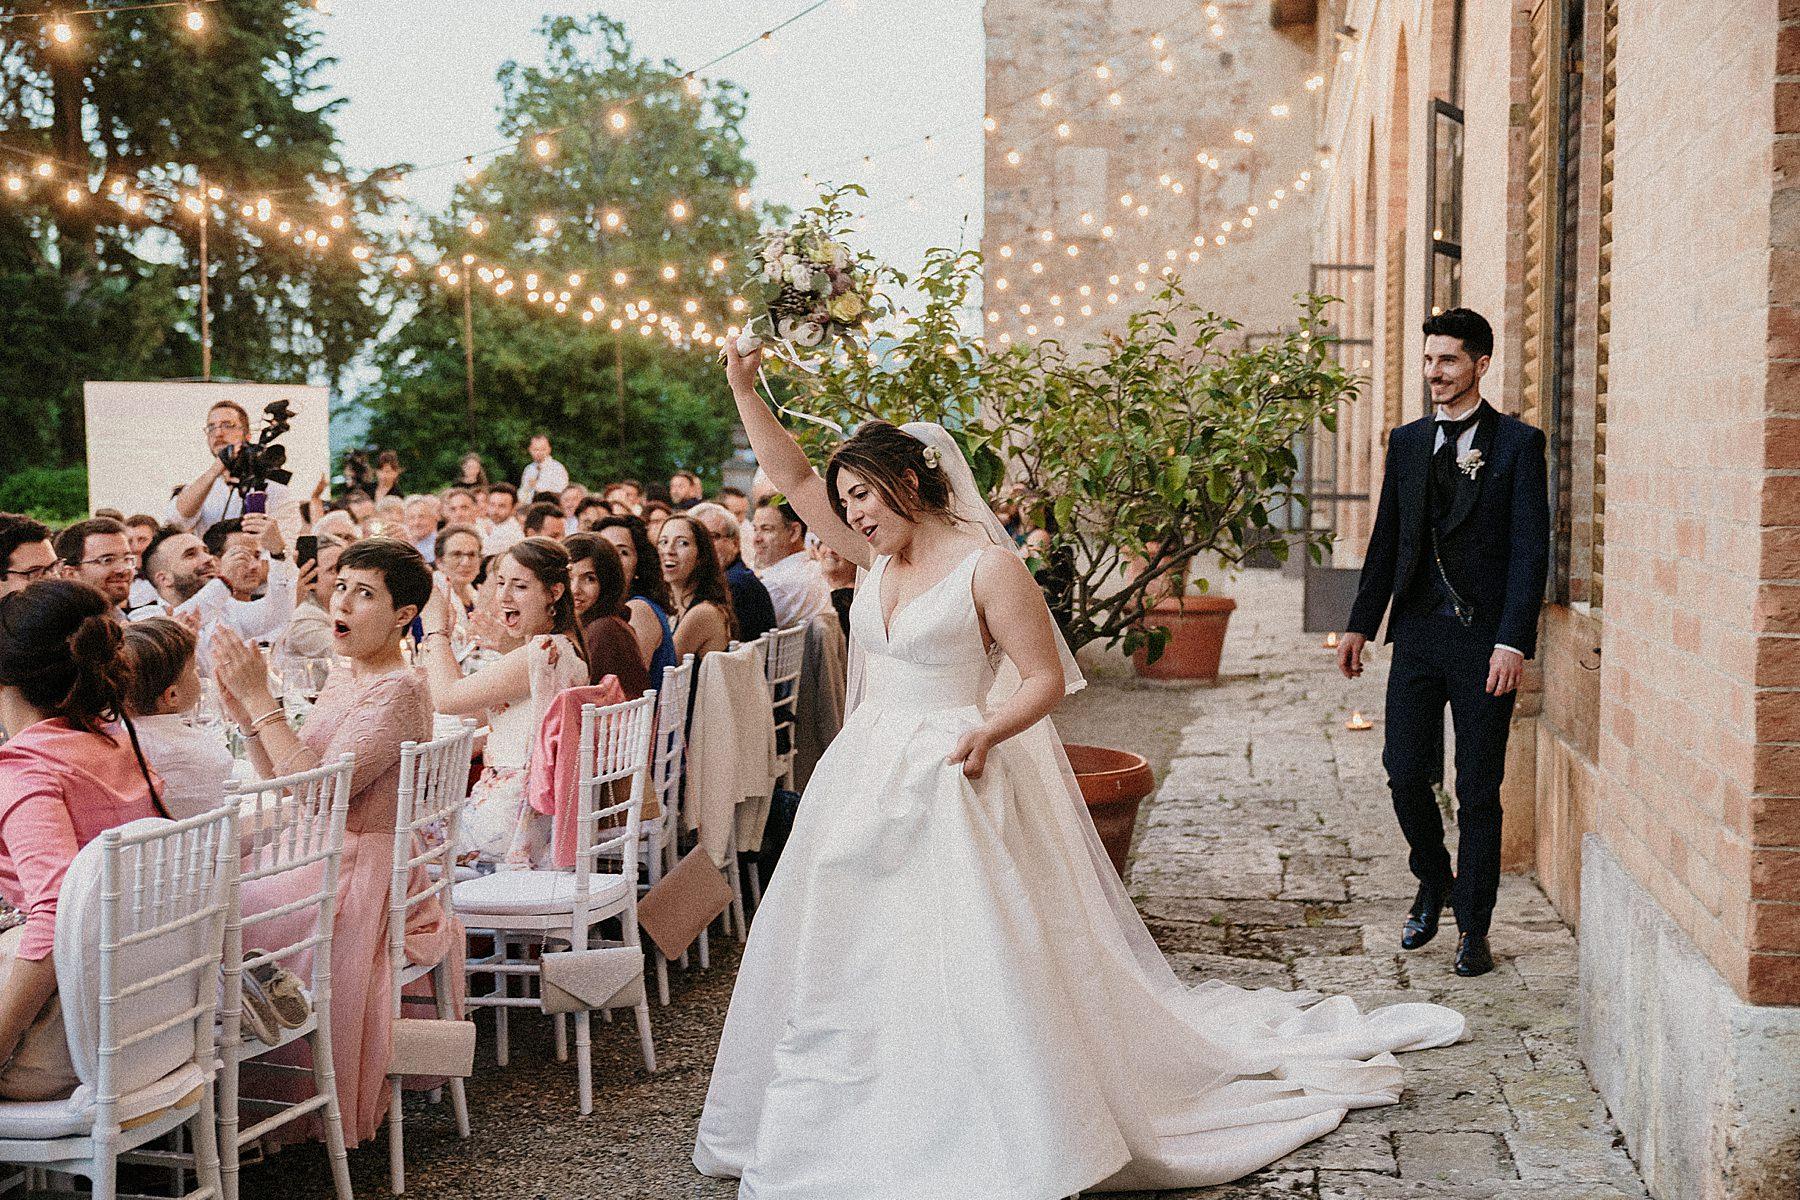 matrimonio tenuta bichi borghesi monteriggioni 3058